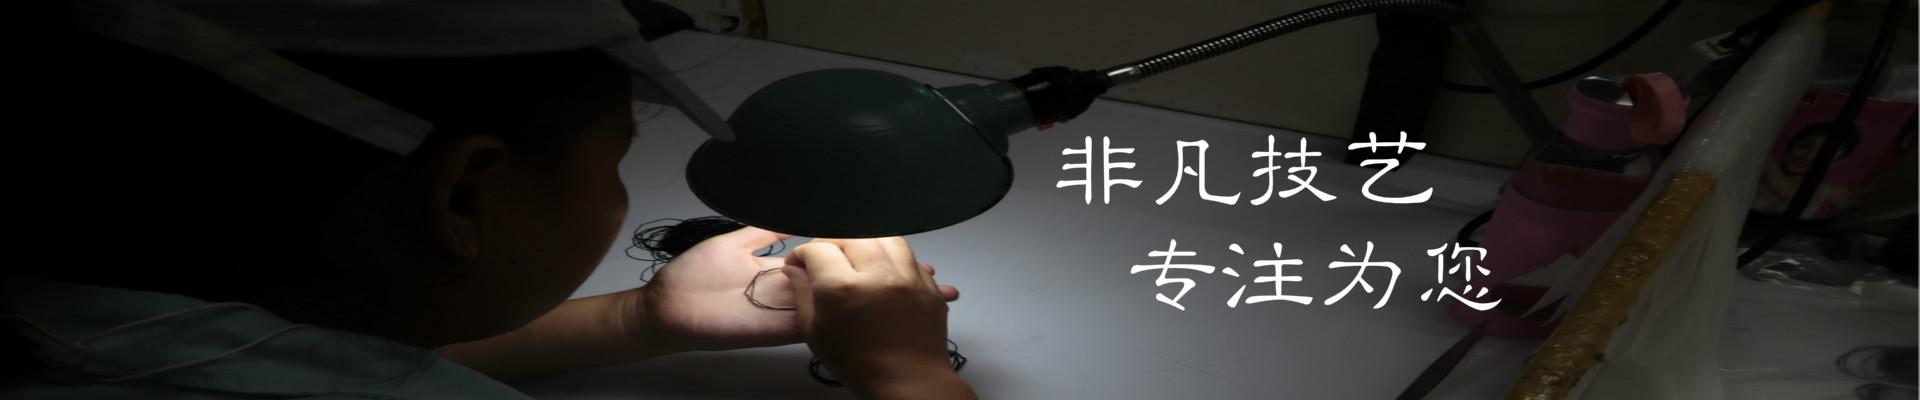 科裕富橡塑(深圳)有限公司